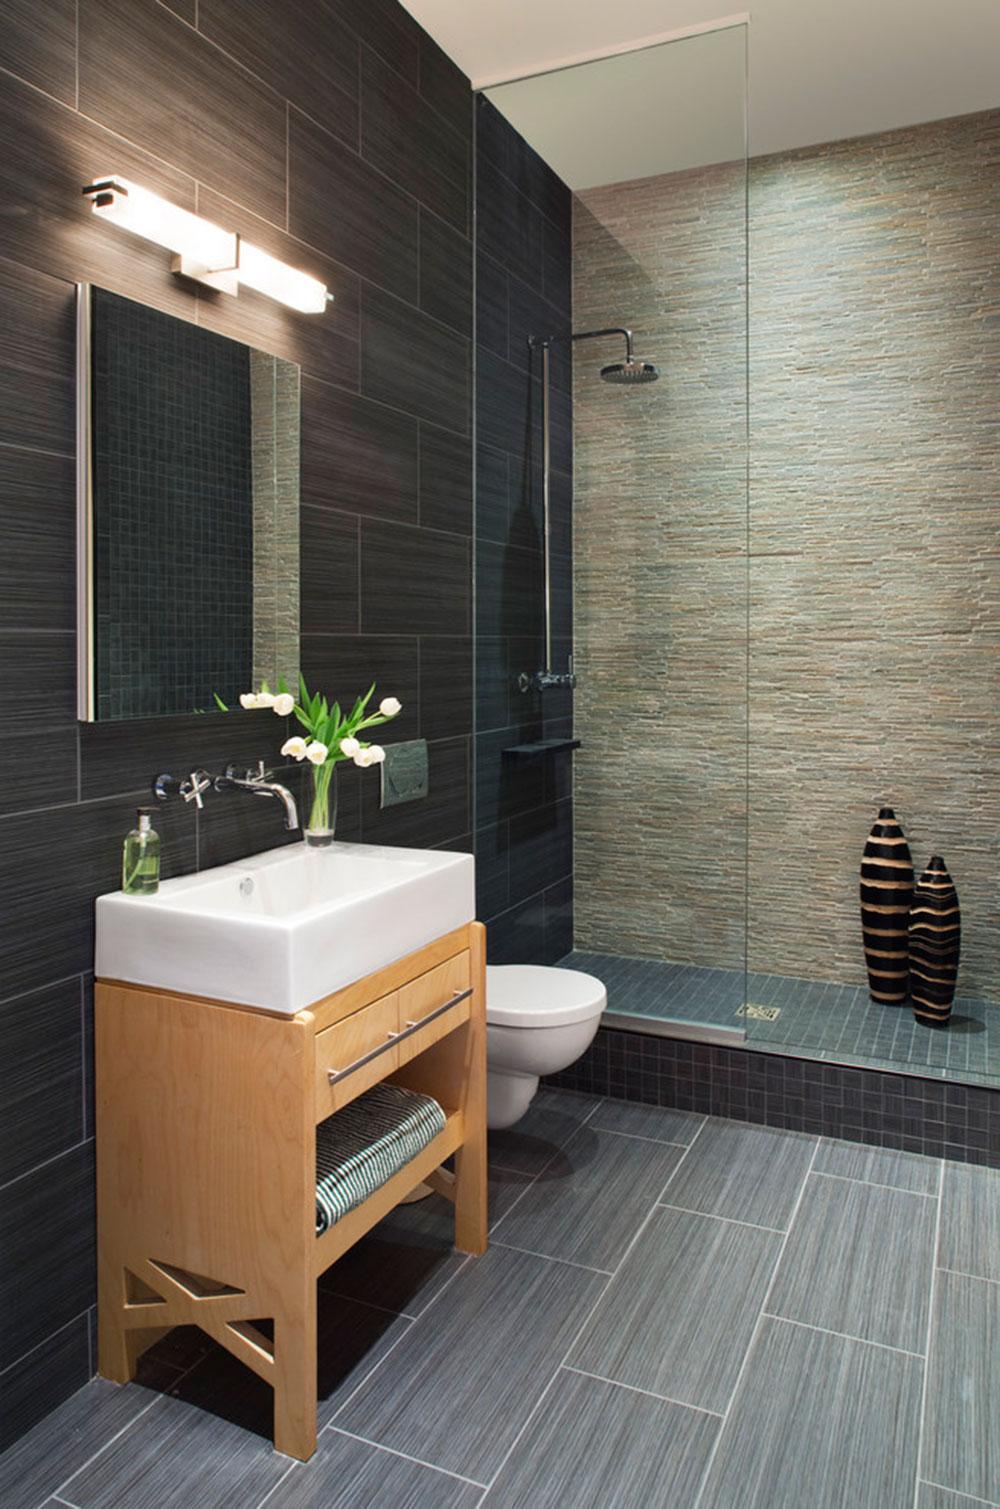 Bästa belysning för badrum2 Bästa belysning för badrum